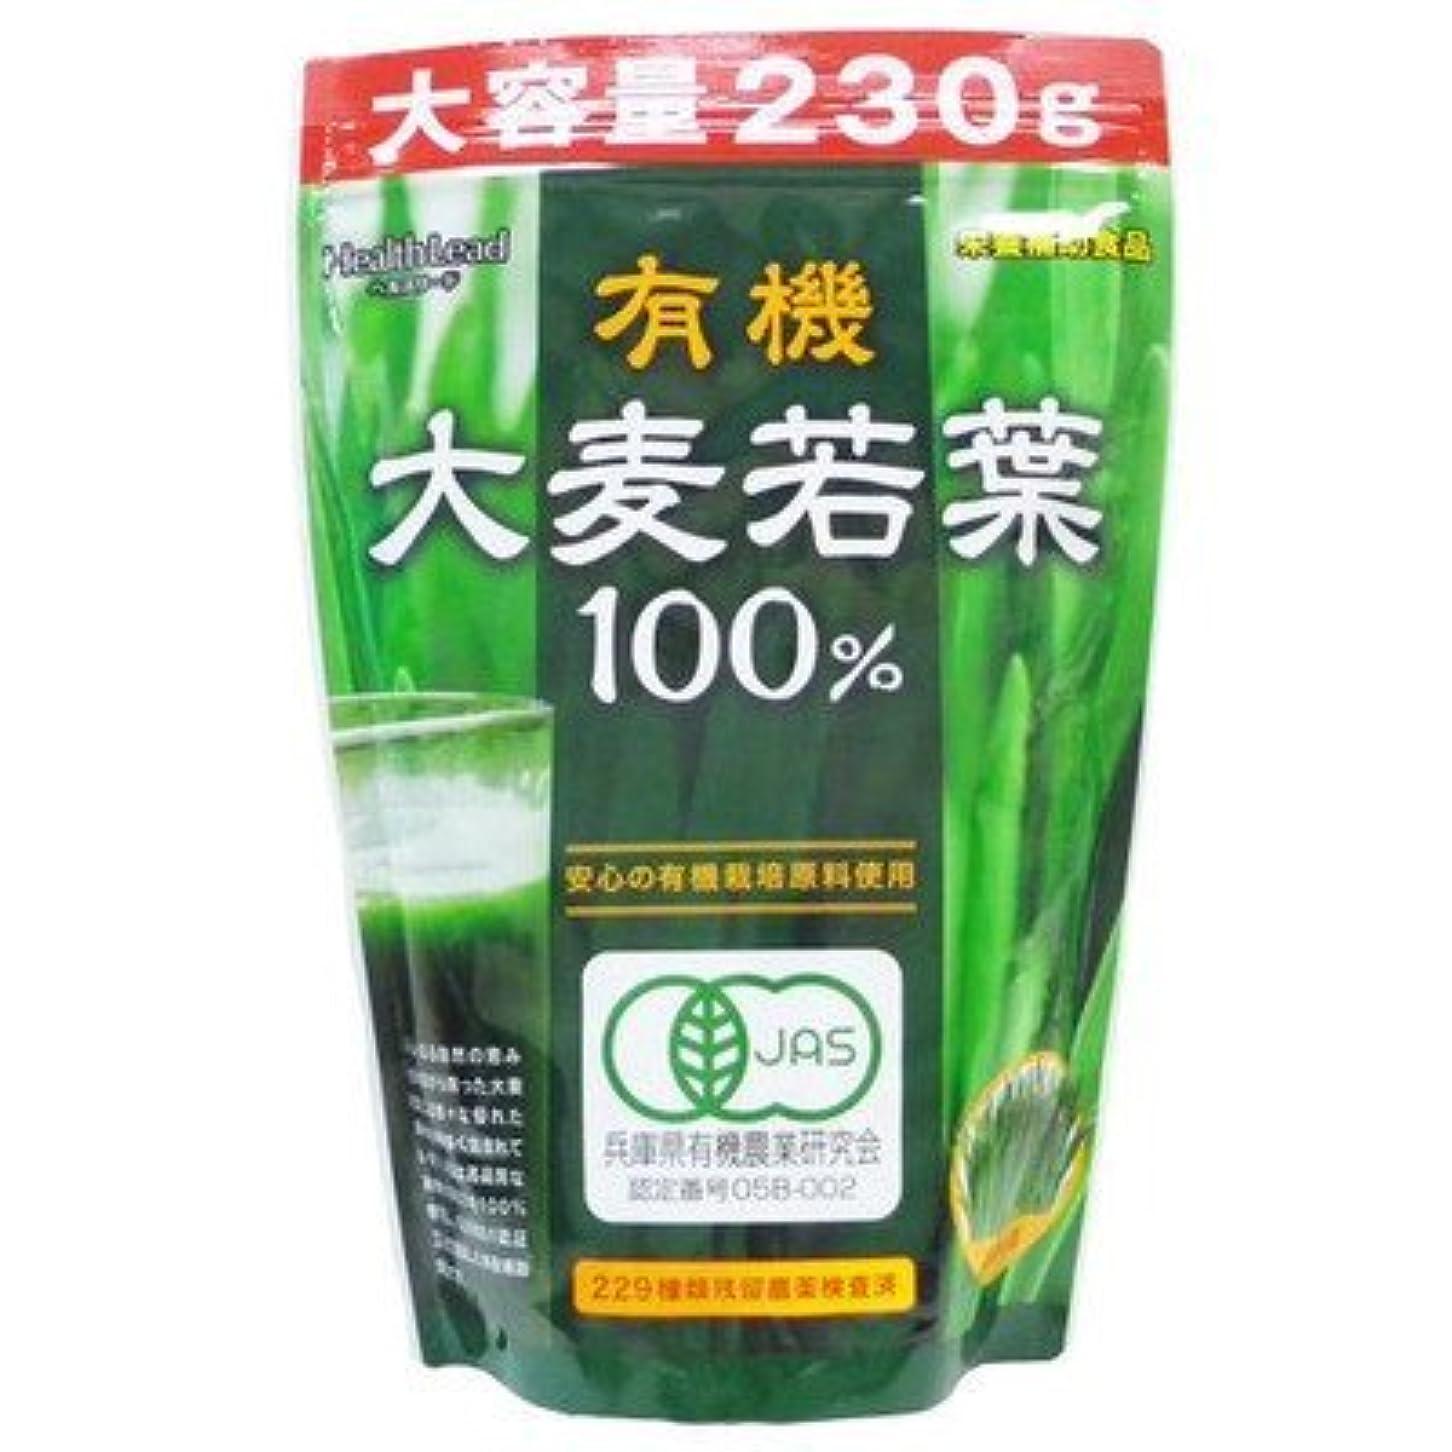 次へ挑む許容HealthLead 有機大麦若葉100% 大容量230g(バイオフーズインターナショナル) 3個セット